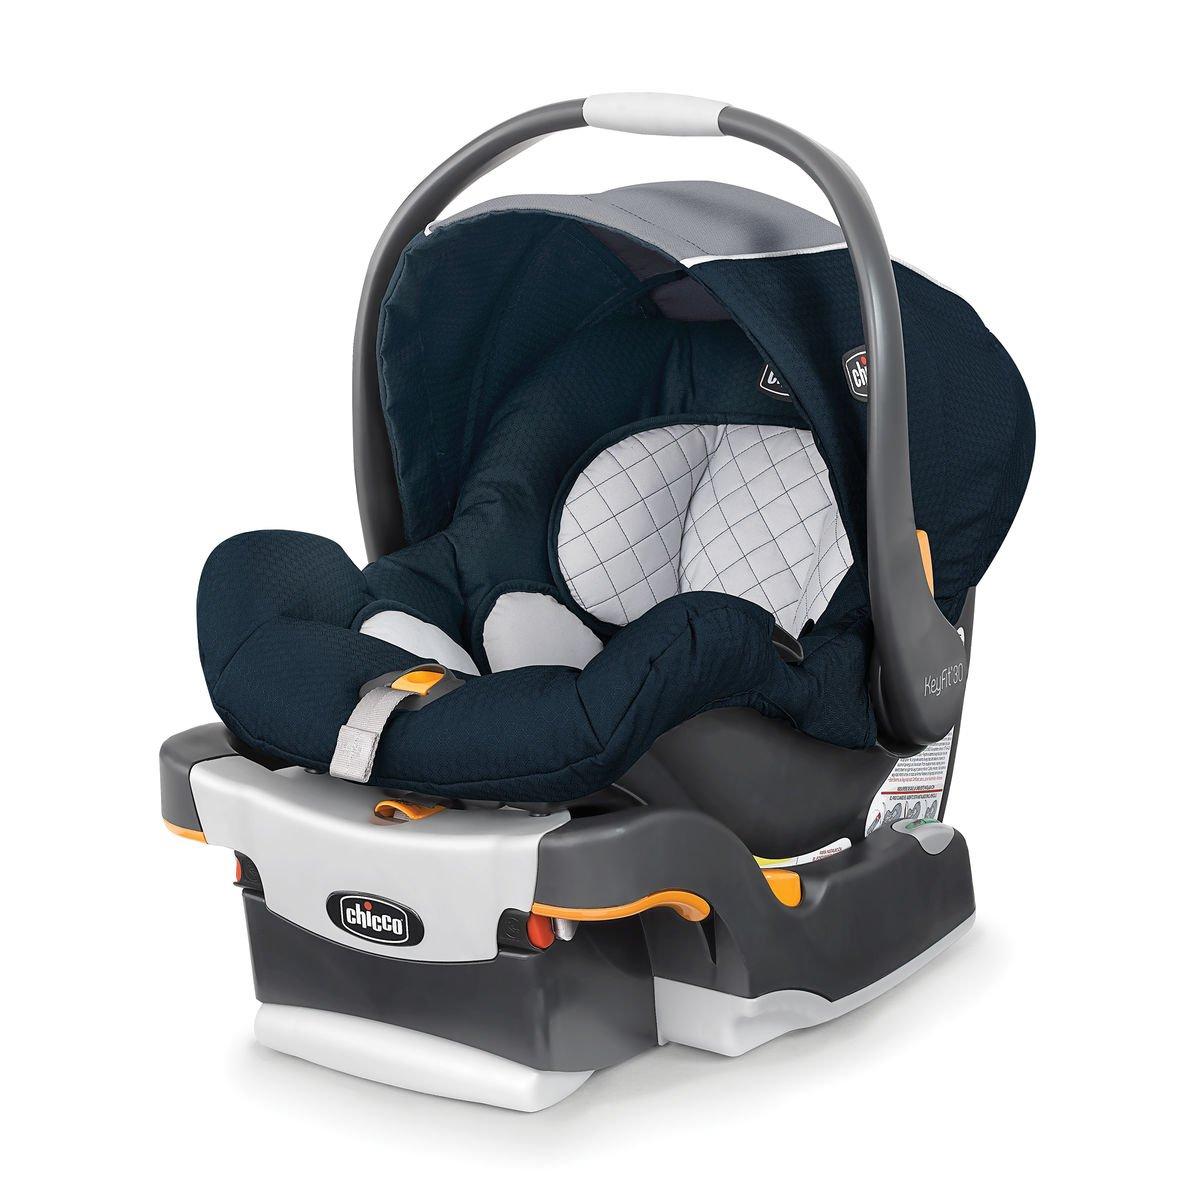 Chicco KeyFit 30 Infant Car Seat - Regatta 04061472010070